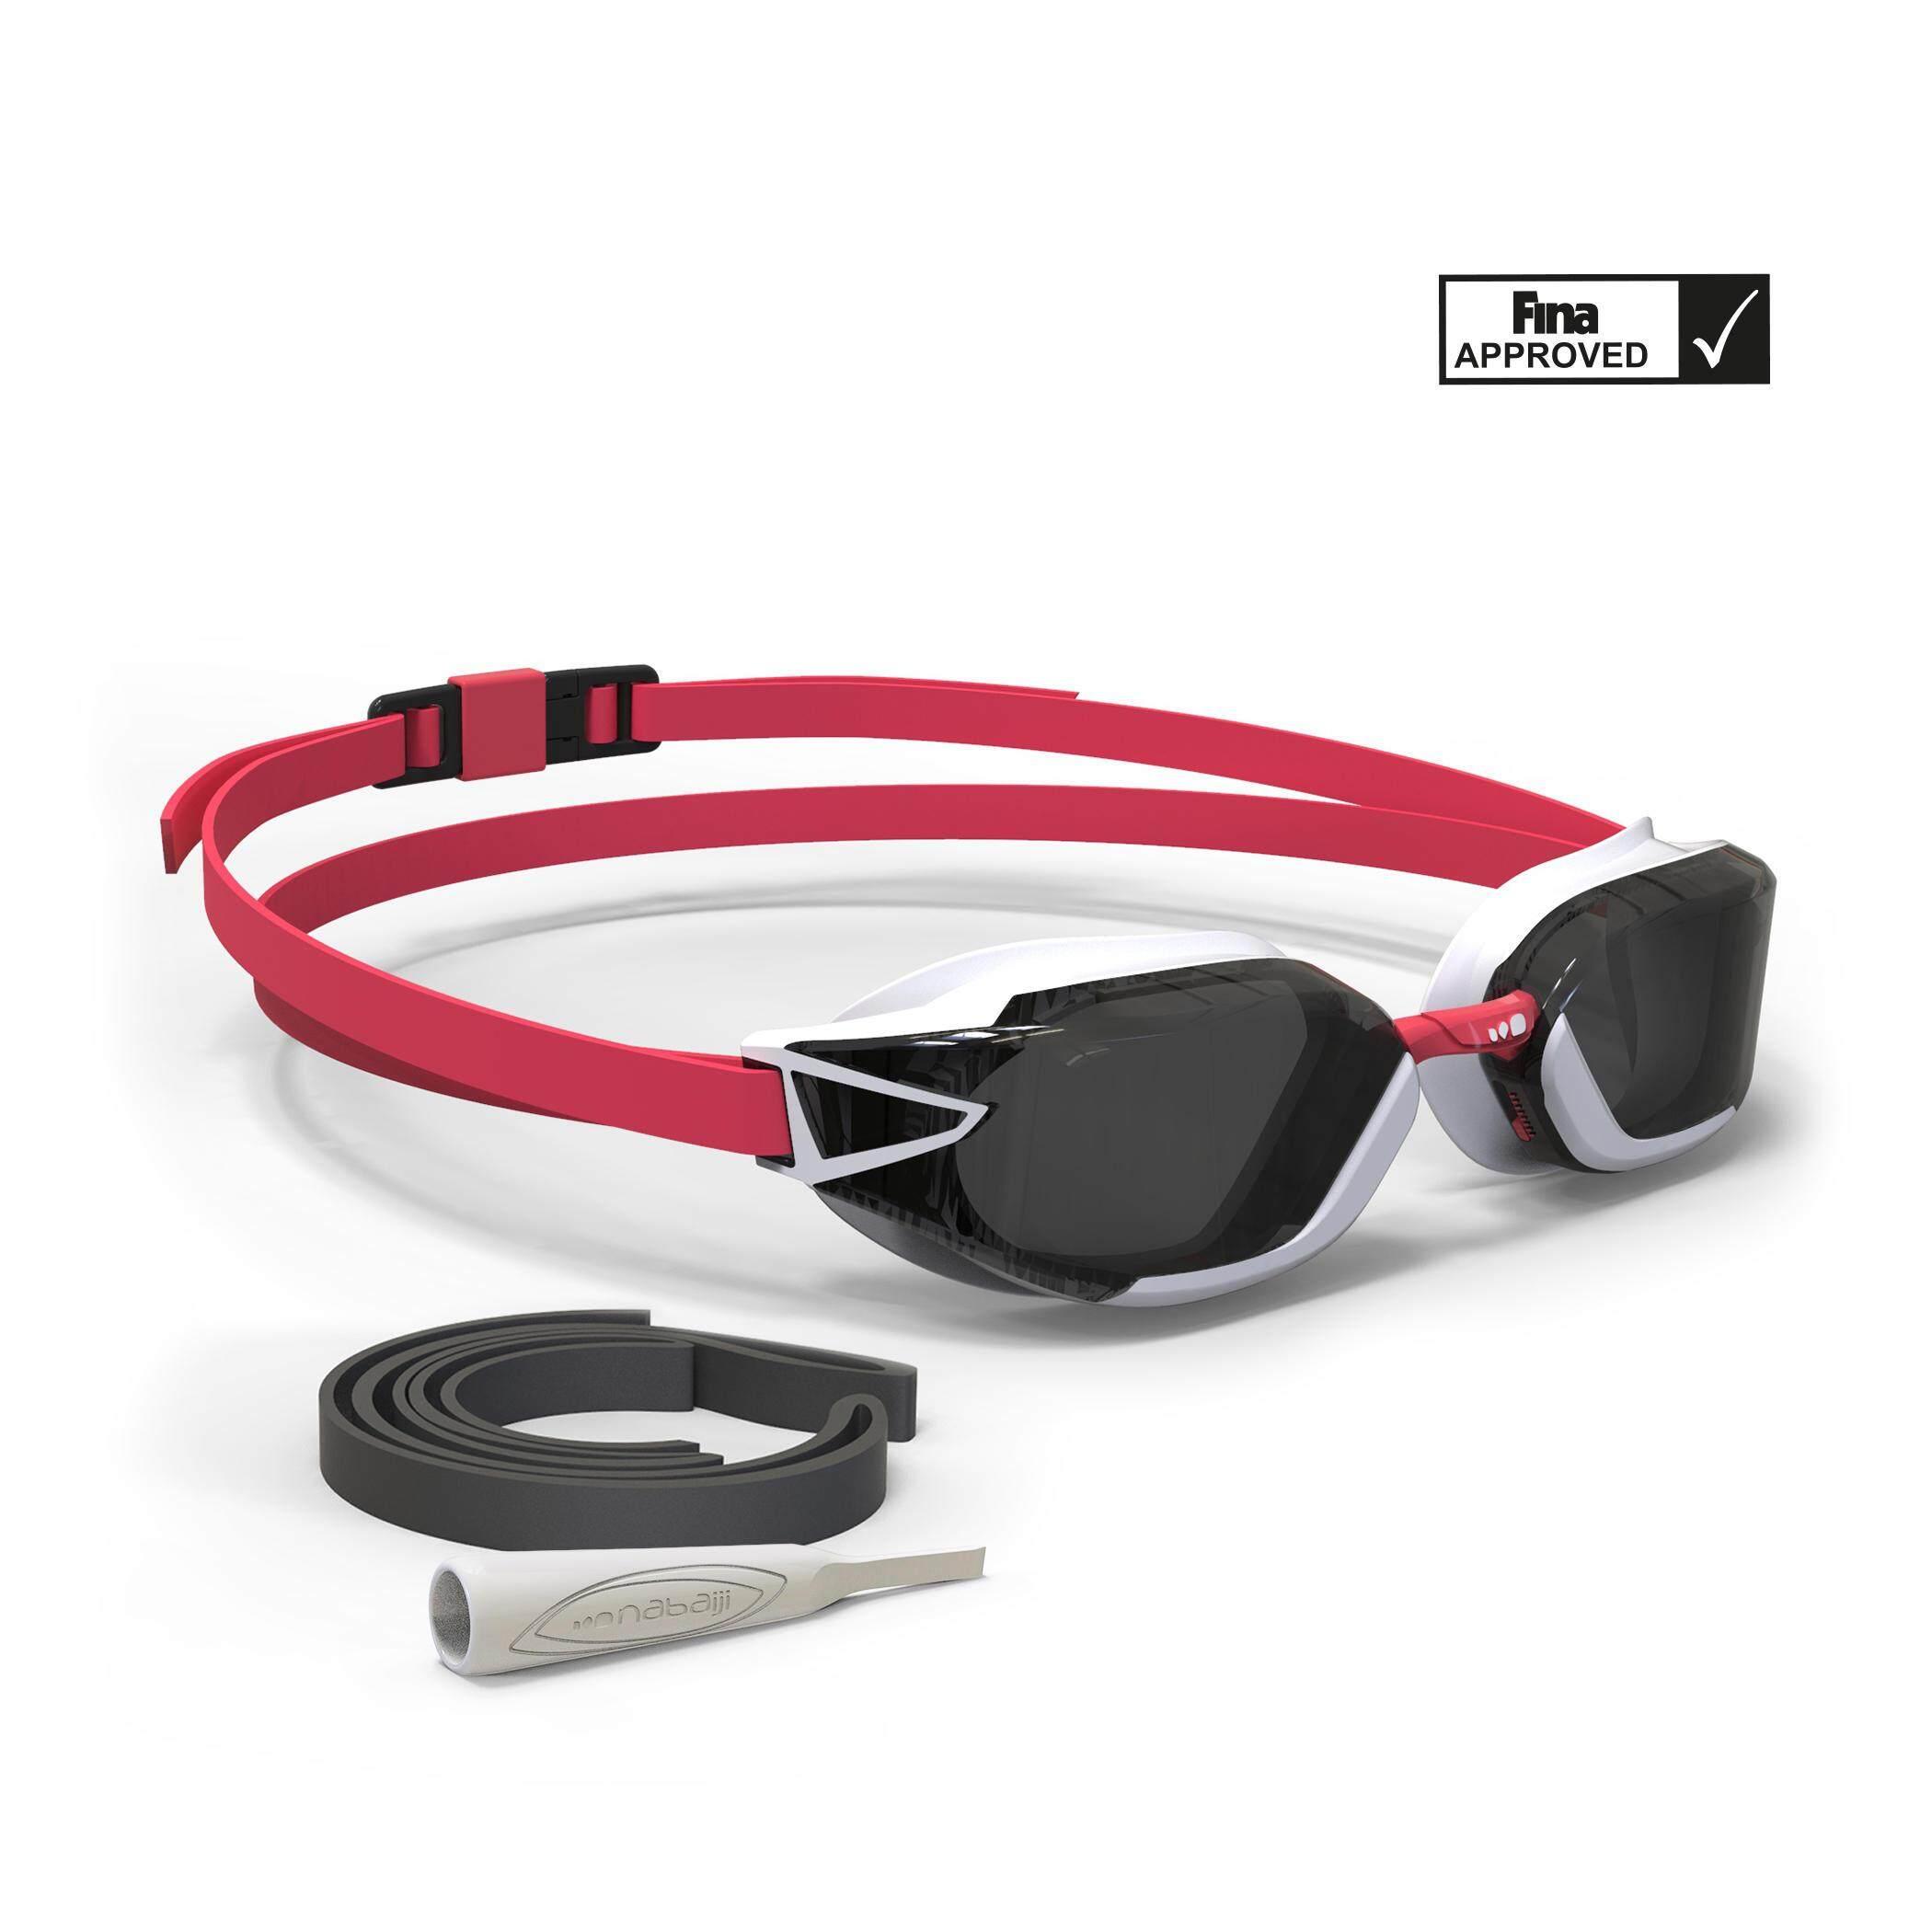 [ด่วน!! โปรโมชั่นมีจำนวนจำกัด] แว่นตาว่ายน้ำรุ่น 900 B-FAST (สีดำ/แดง เลนส์สี SMOKE) สำหรับ ว่ายน้ำ